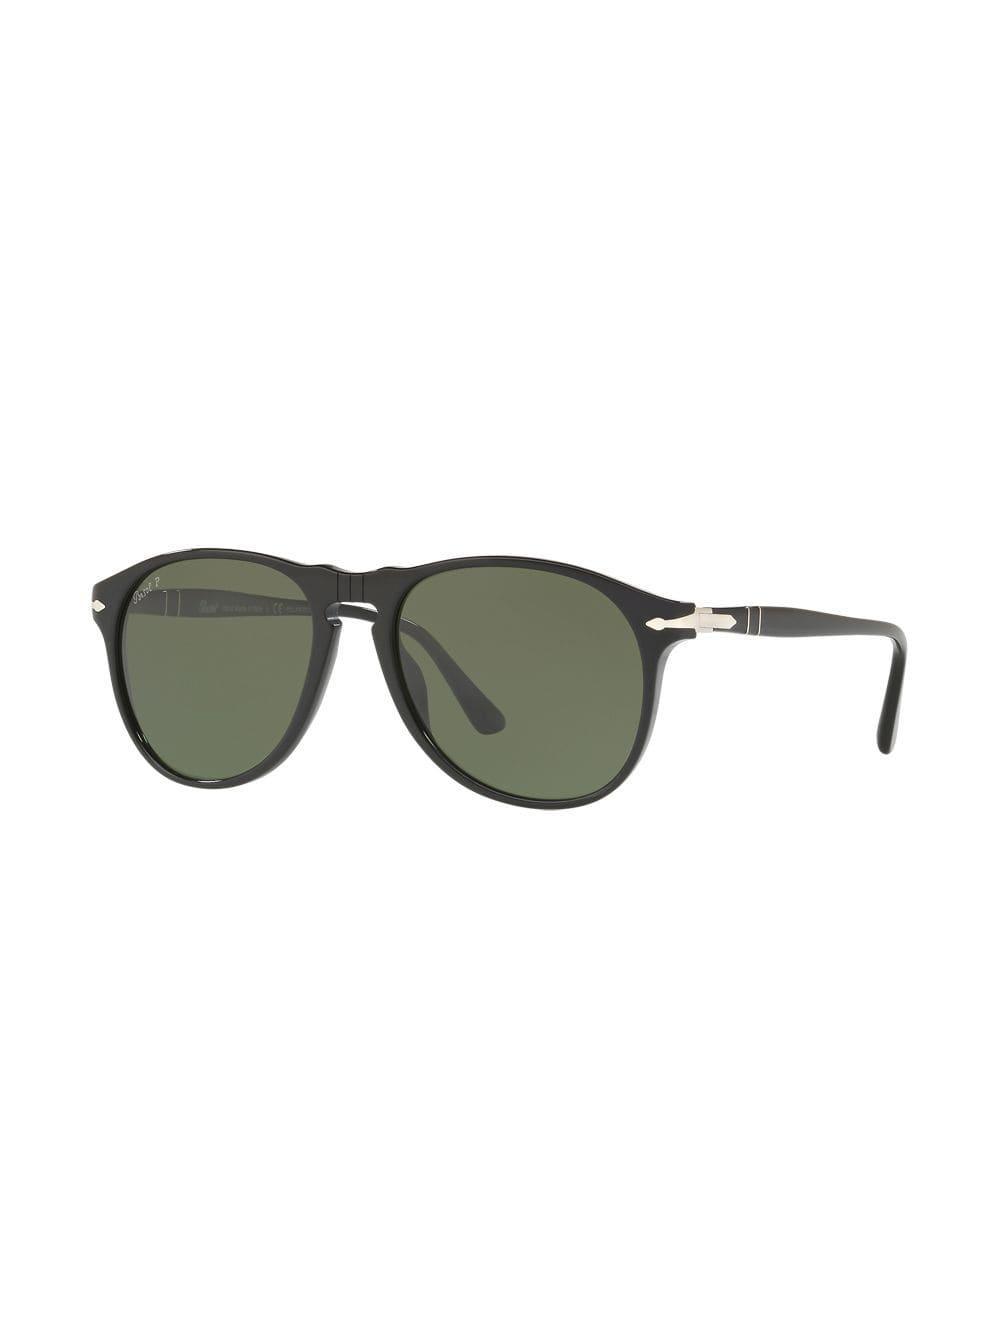 cd64e33f3f Persol Folding Aviator Sunglasses in Black for Men - Lyst